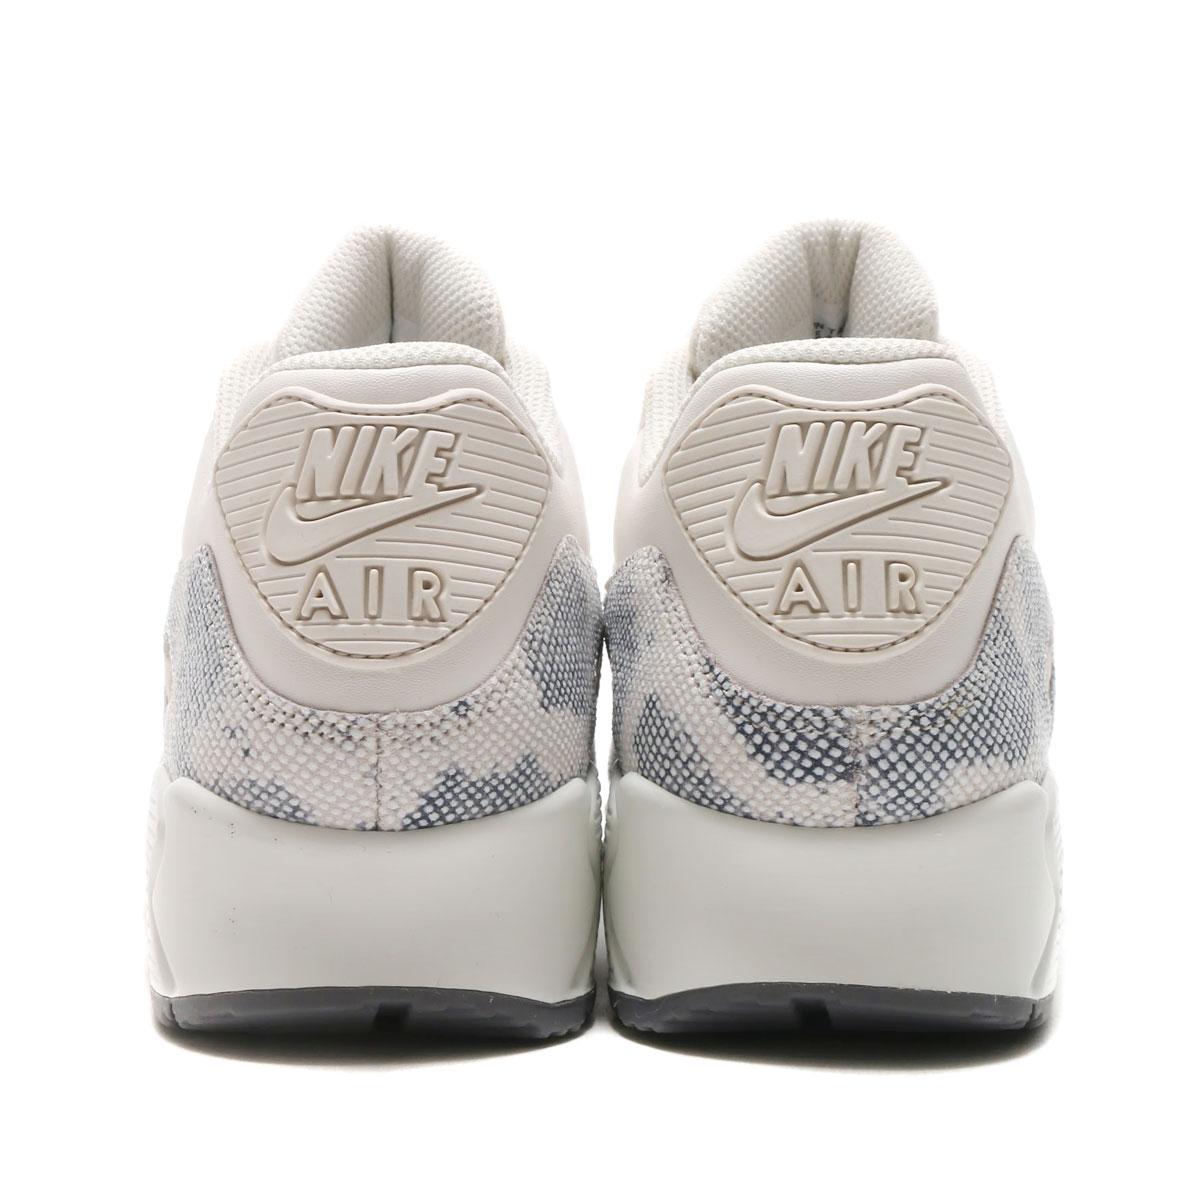 new style d7866 88cc5 ... NIKE WMNS AIR MAX 90 PRM (Nike women Air Max 90 premium) (PHANTOM